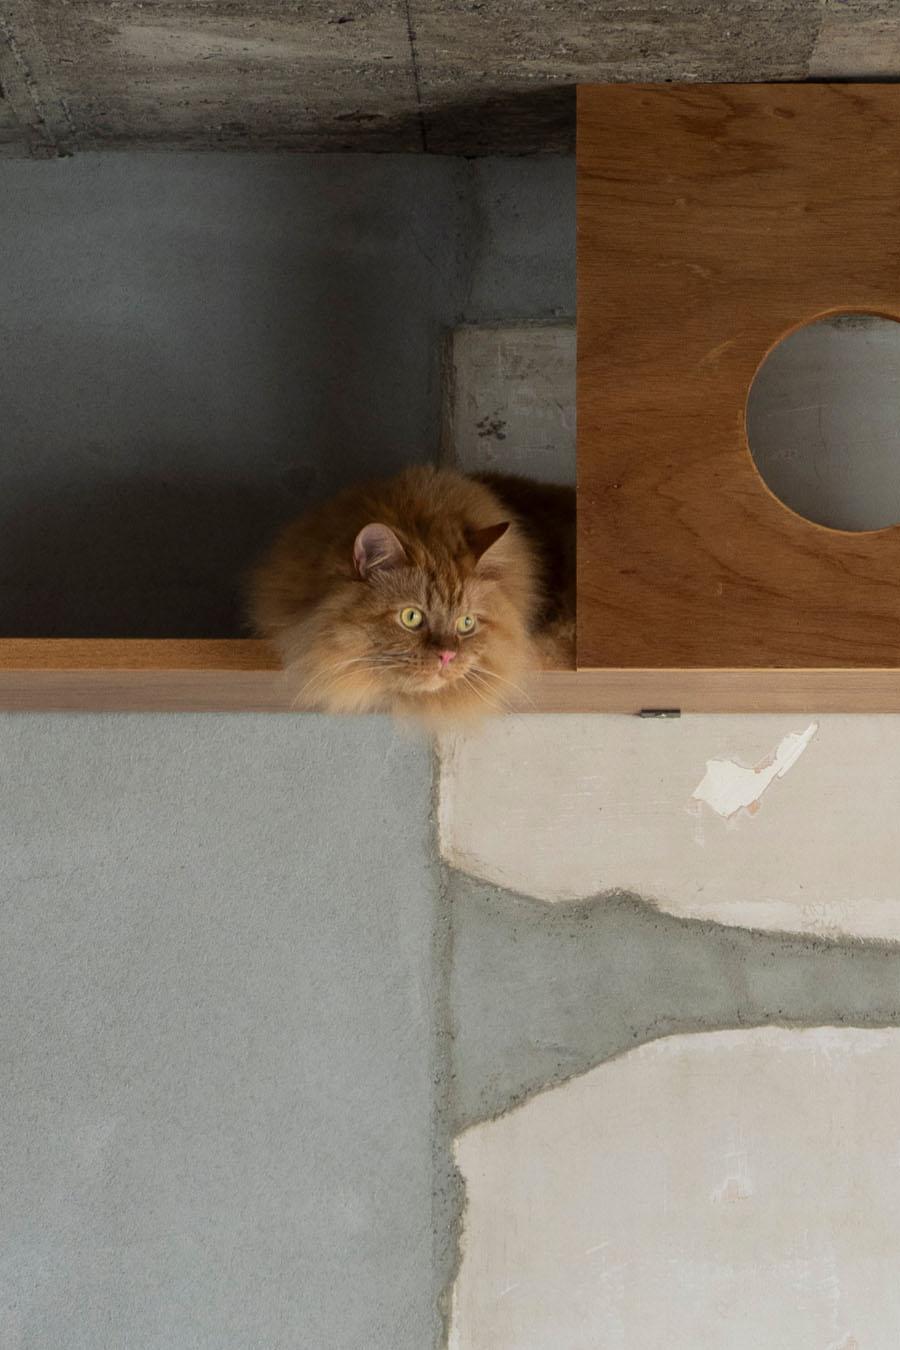 保護猫だったおんちゃん。ういちゃんのお友達として招かれた。